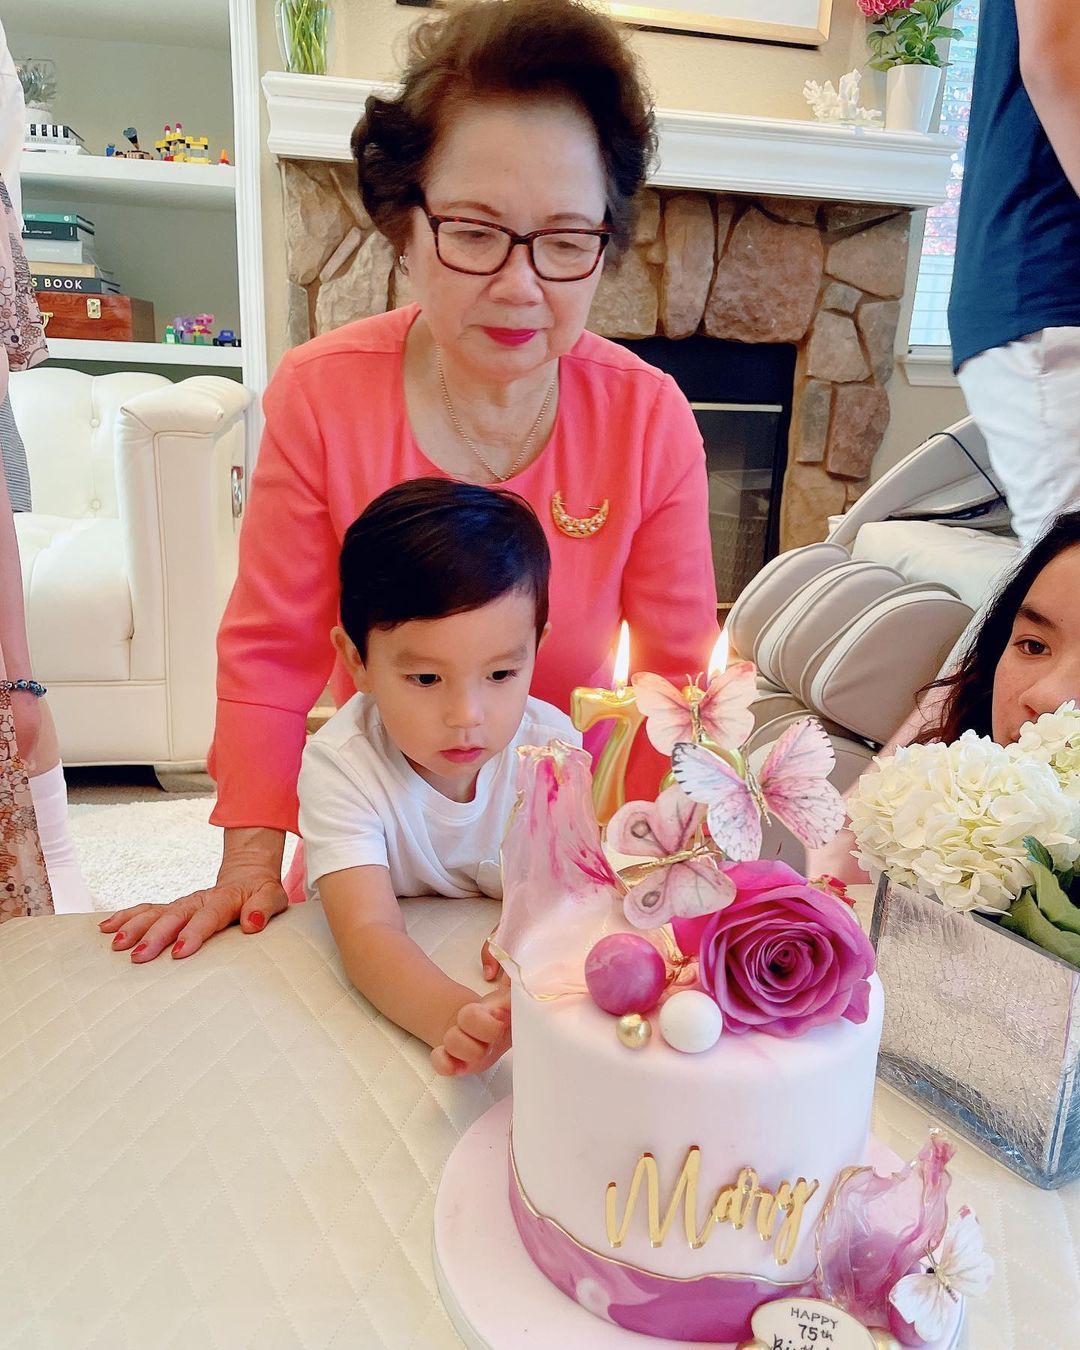 Phạm Hương lần đầu hé lộ chân dung mẹ chồng giàu có quyền lực, chỉ 1 khoảnh khắc là biết yêu chiều cháu nội cỡ nào - Ảnh 2.